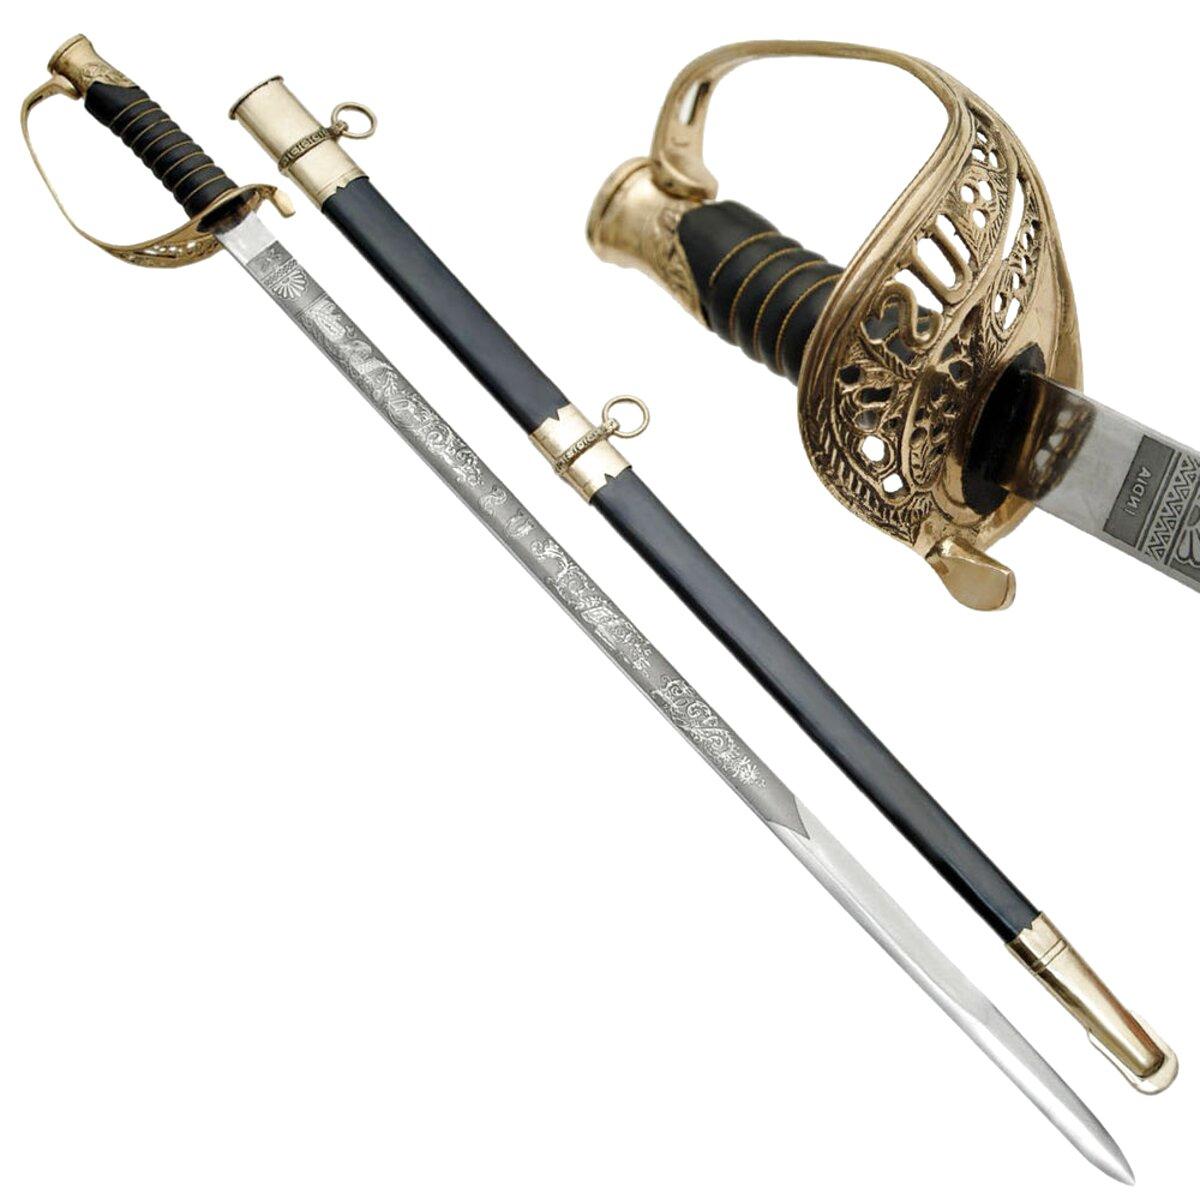 saber sword for sale